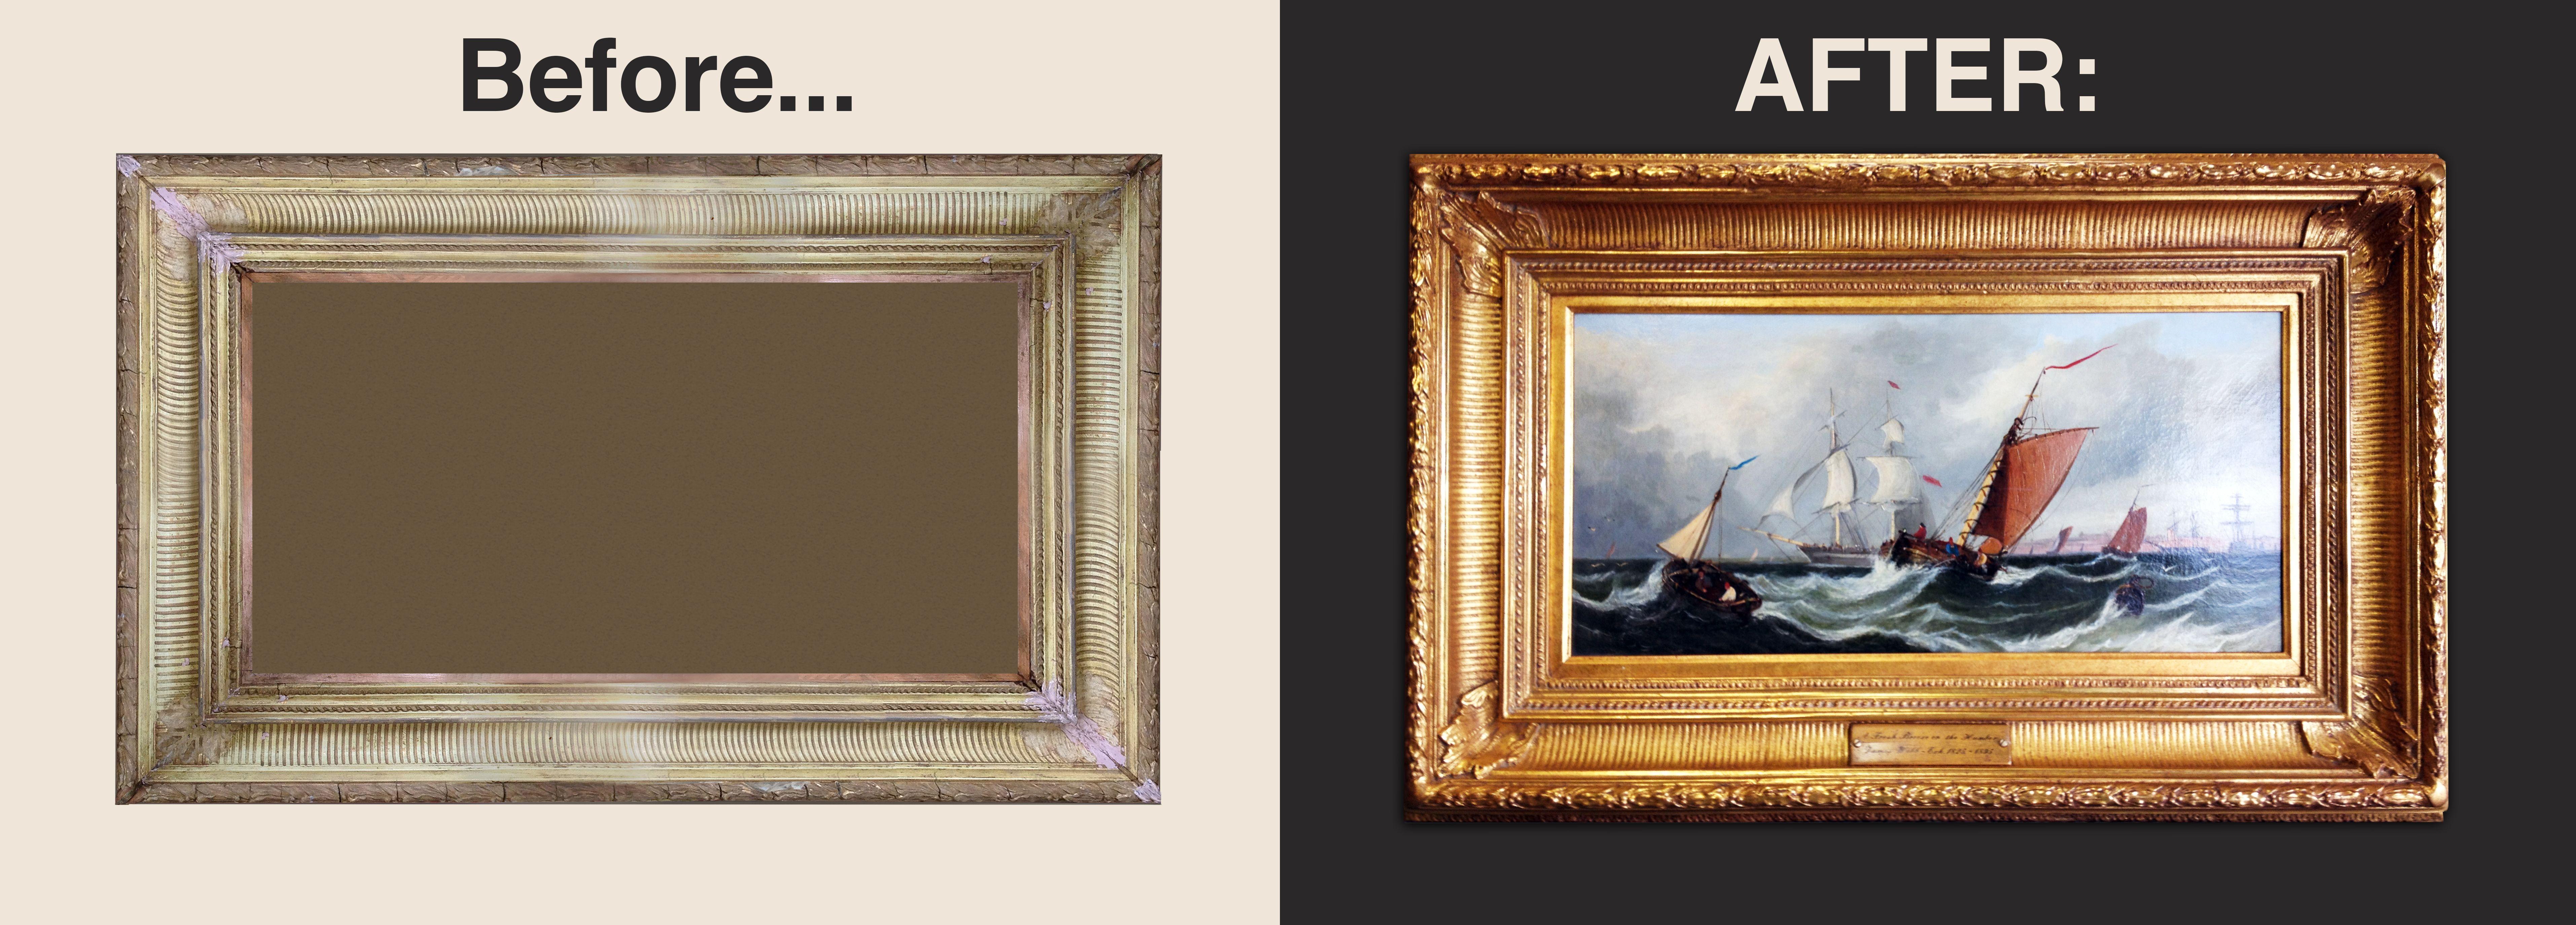 Before And After Of A 22k Gold Frame Restoration Goldleaf Framing Framerestoration Pictureframing Customframing 22kgold Gold Frame Frame Custom Framing